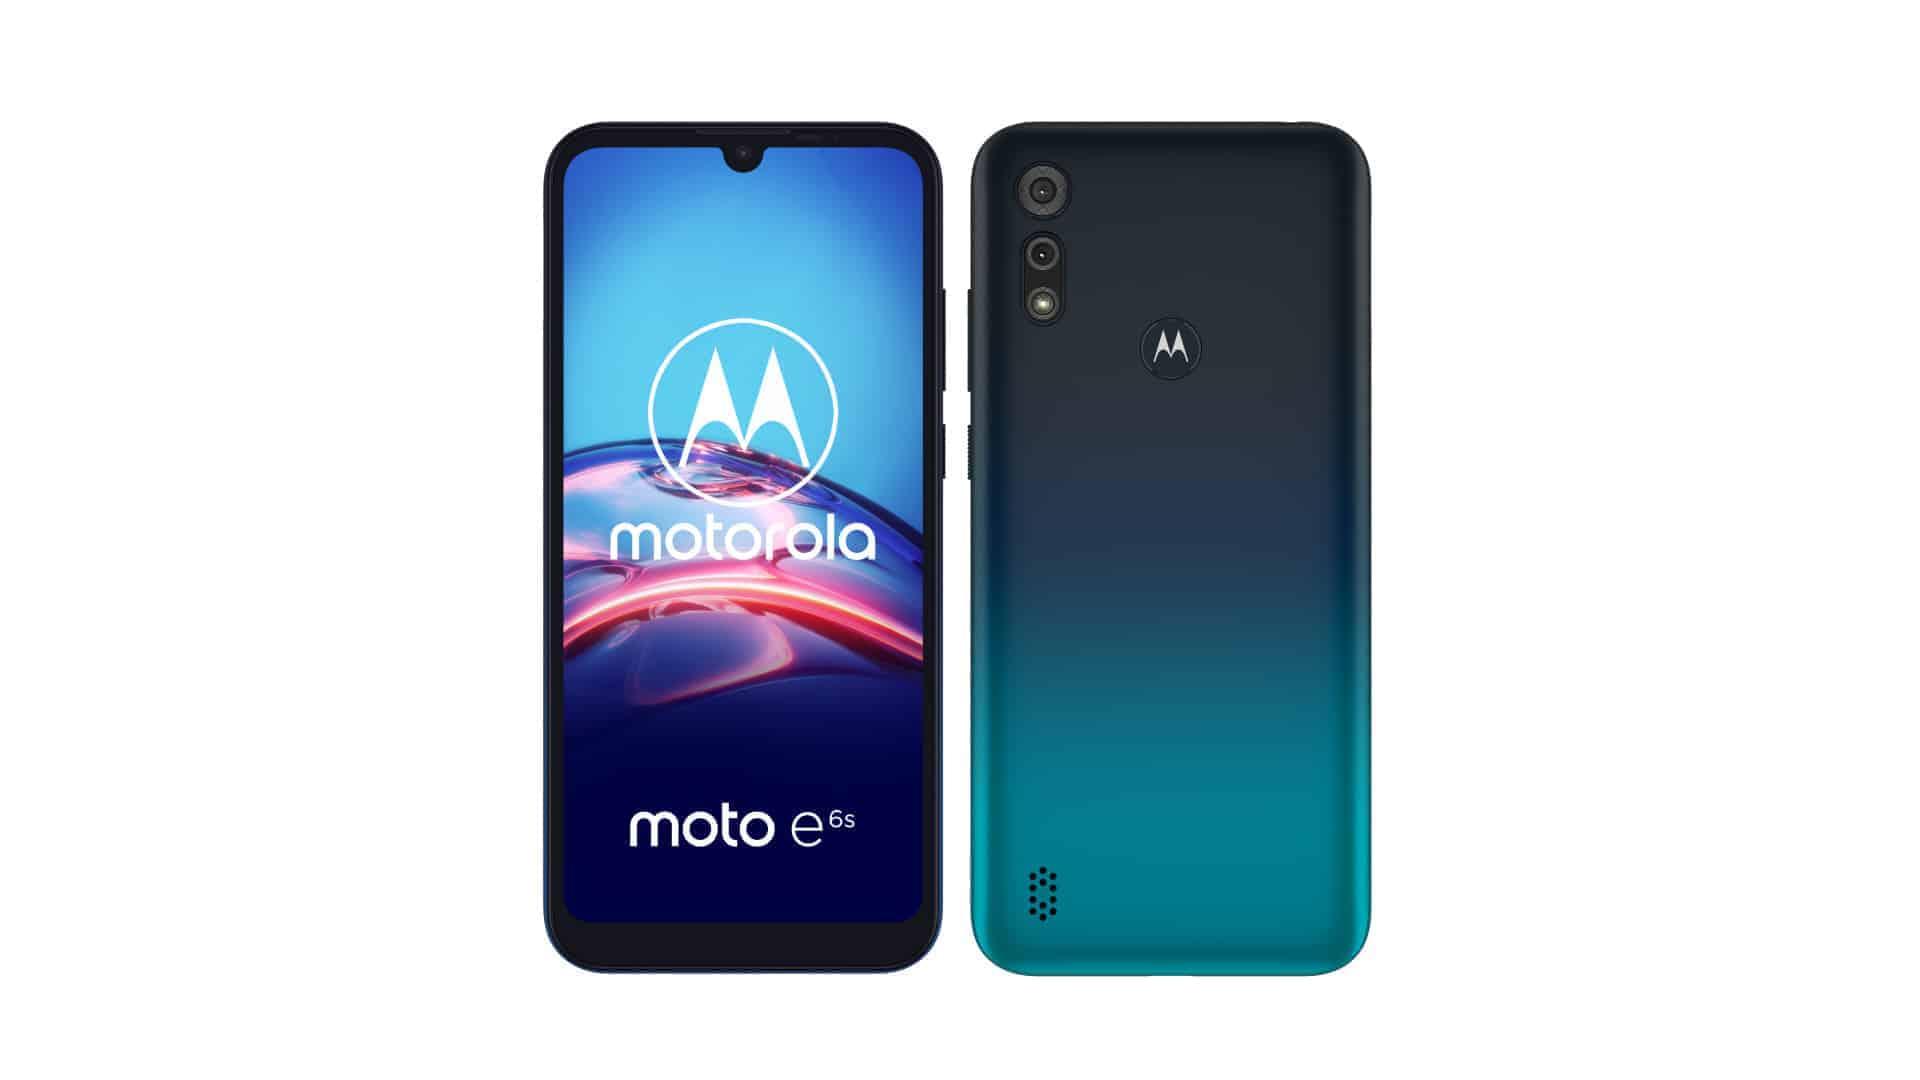 Motorola Moto e6s 4